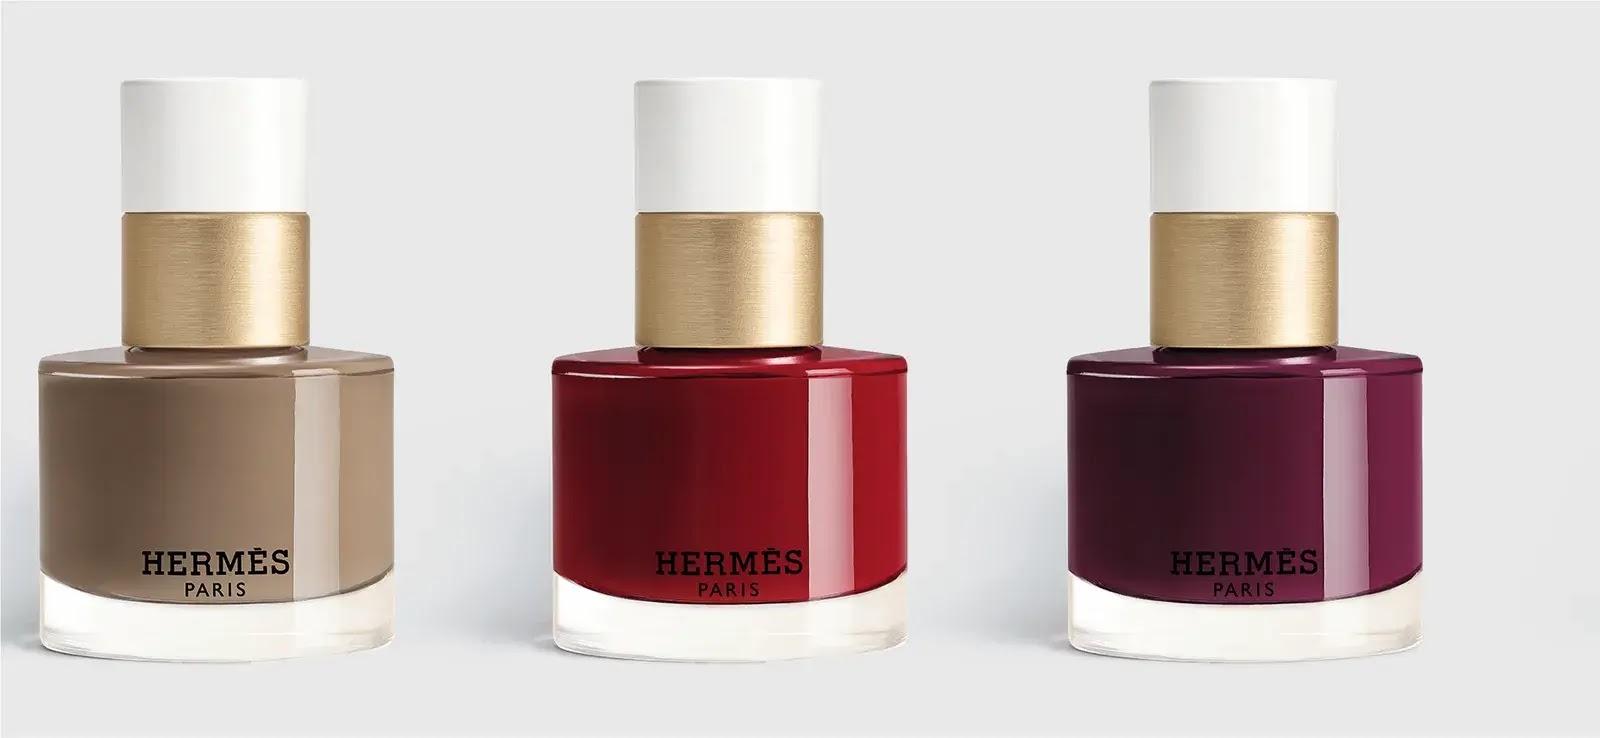 Hermes vernis ongles